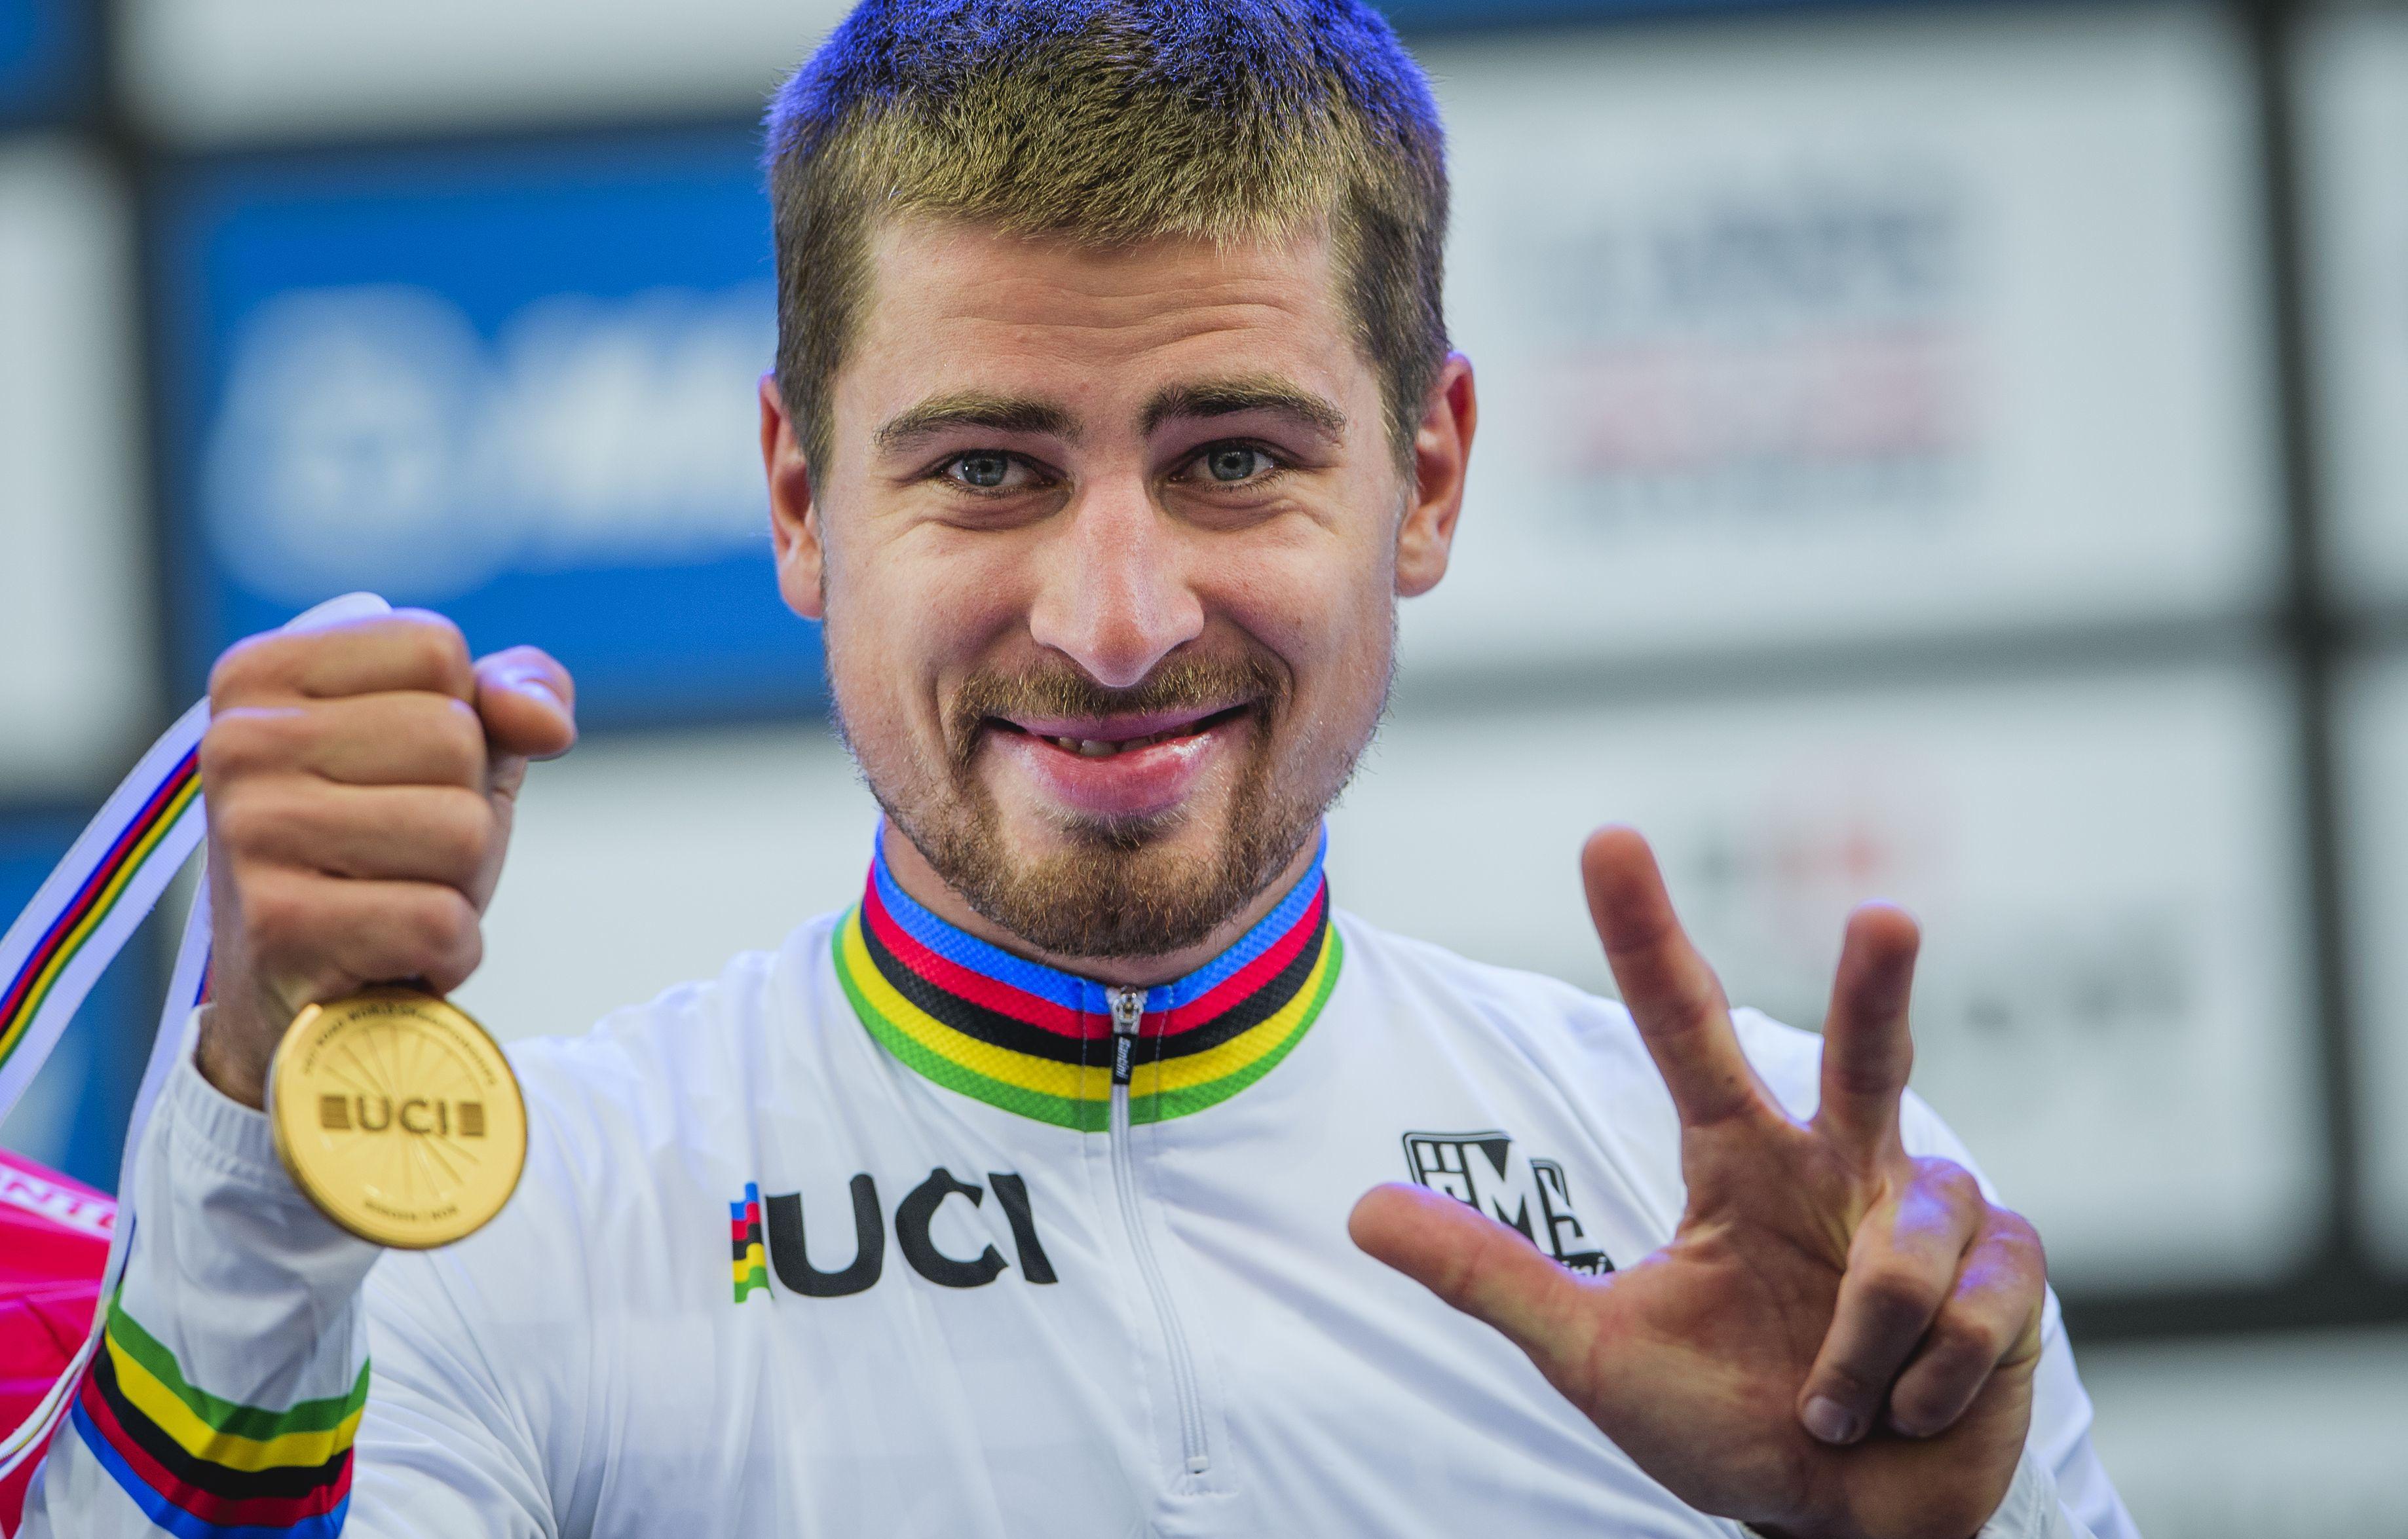 Cyclisme - Travolta, Tinkof, carton rouge : 5 choses à savoir sur Peter Sagan